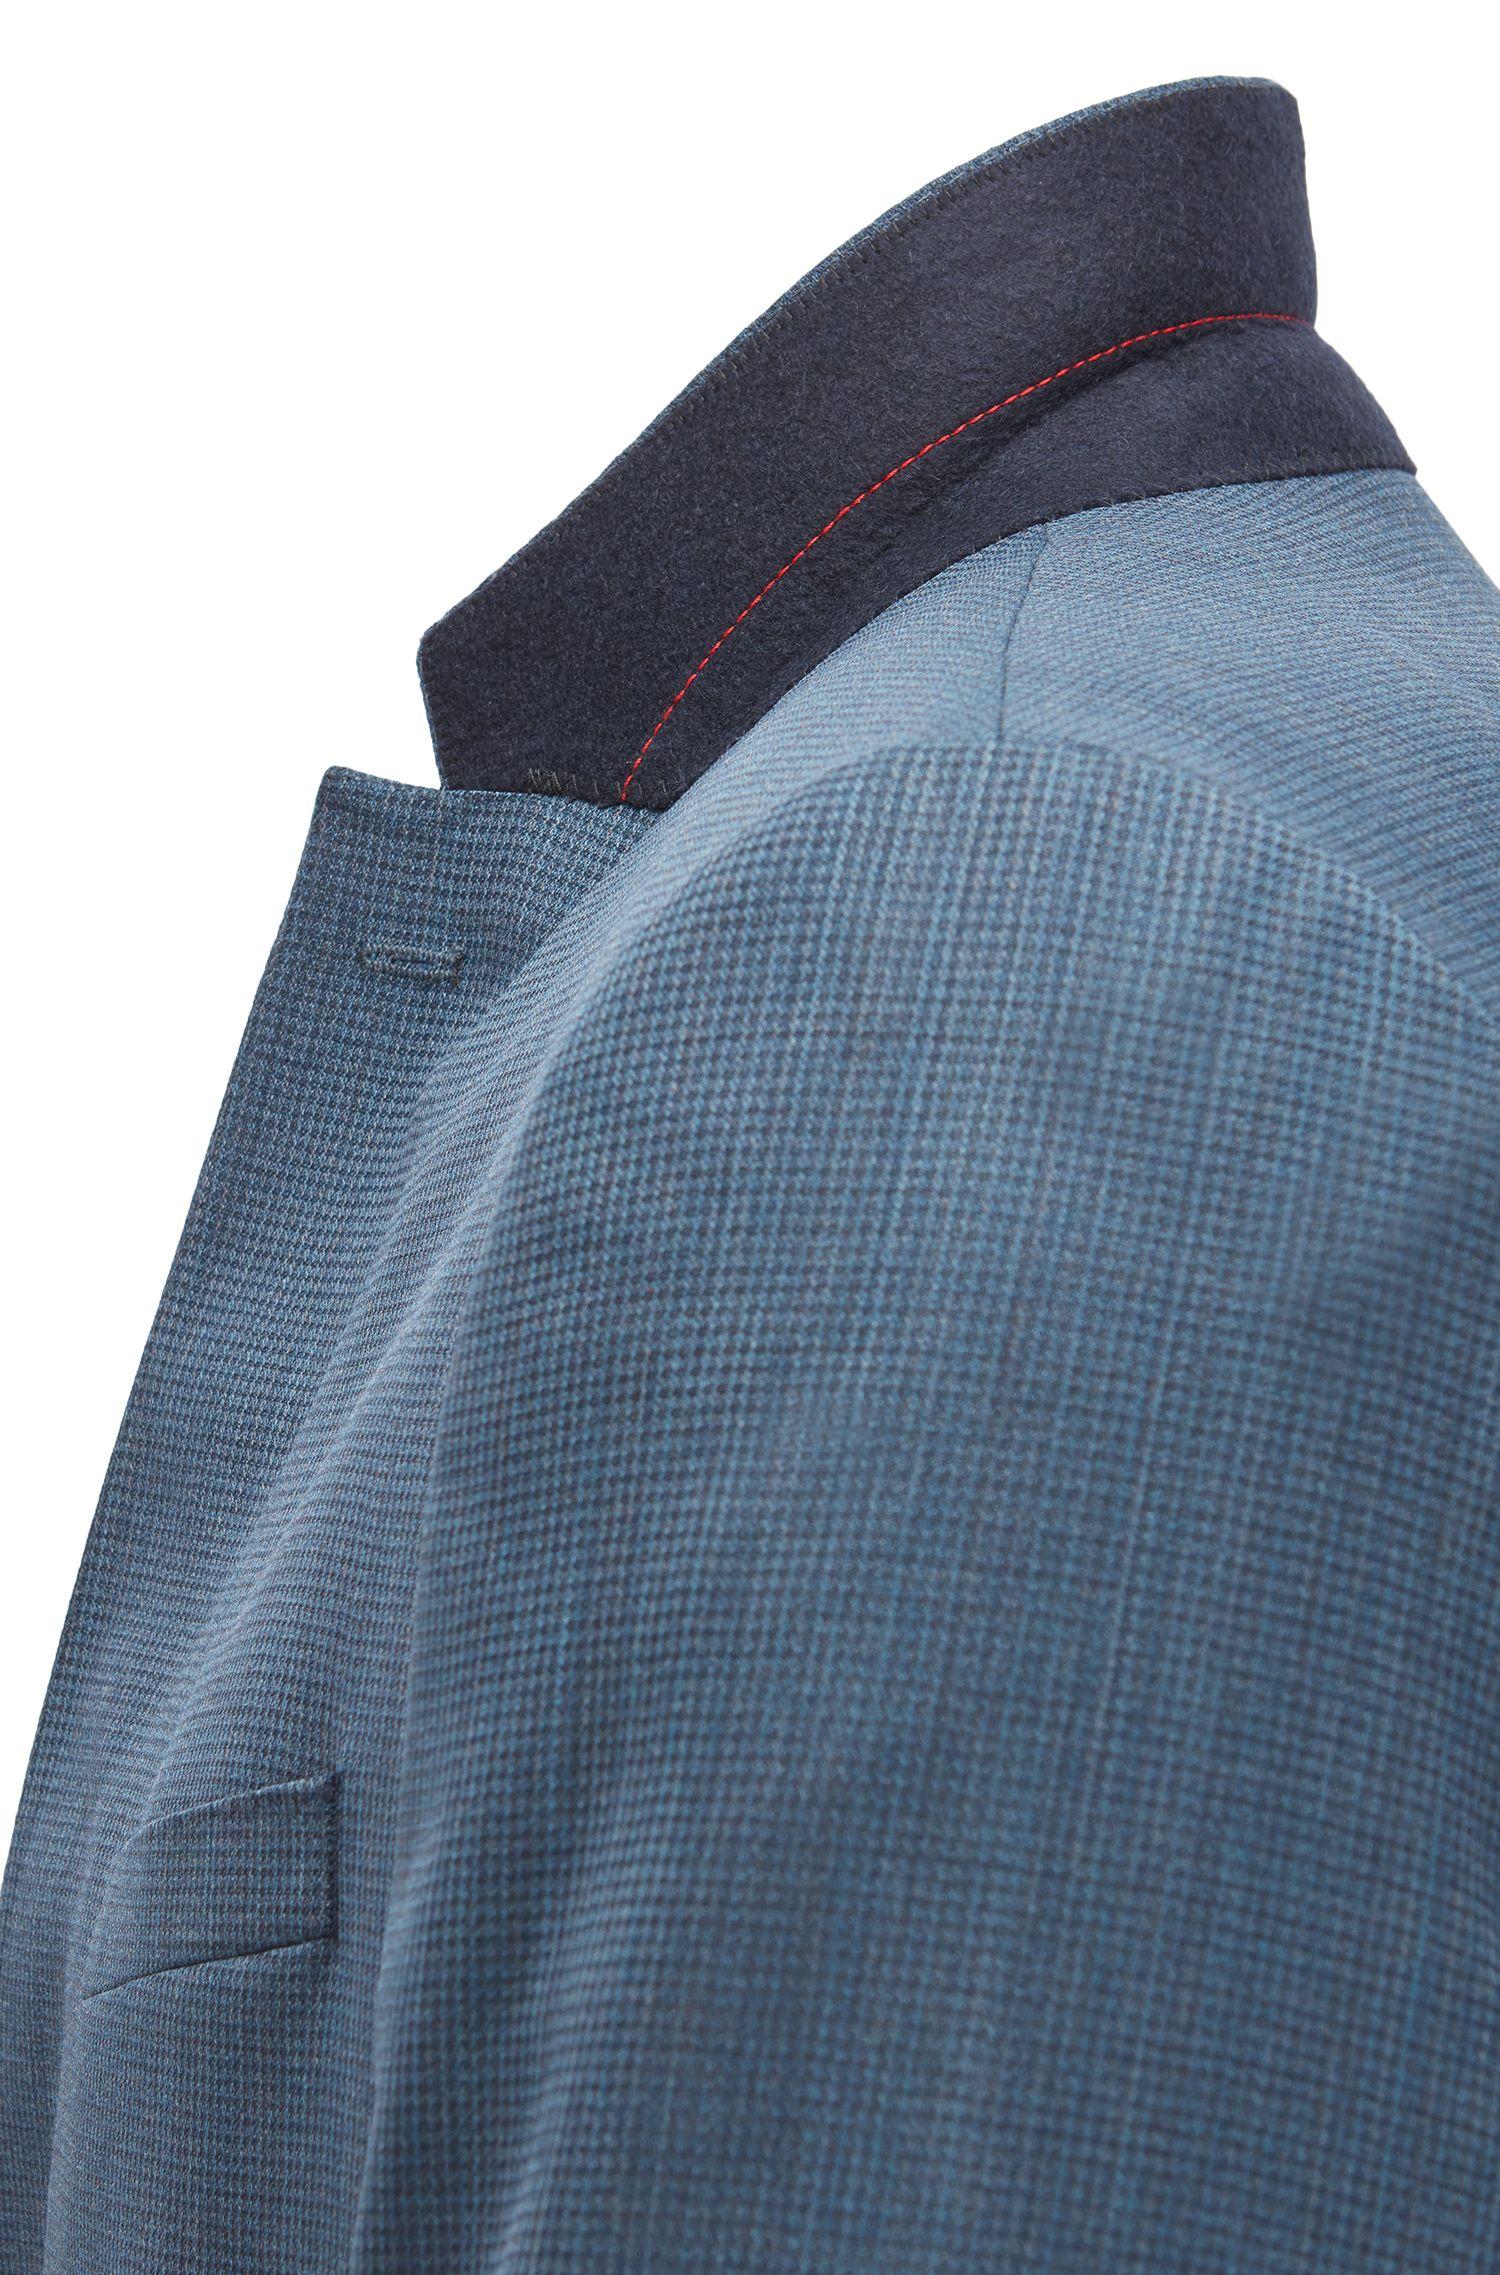 Stretch Virgin Wool Blend Suit, Slim Fit | C-Harvey/C-Getlin